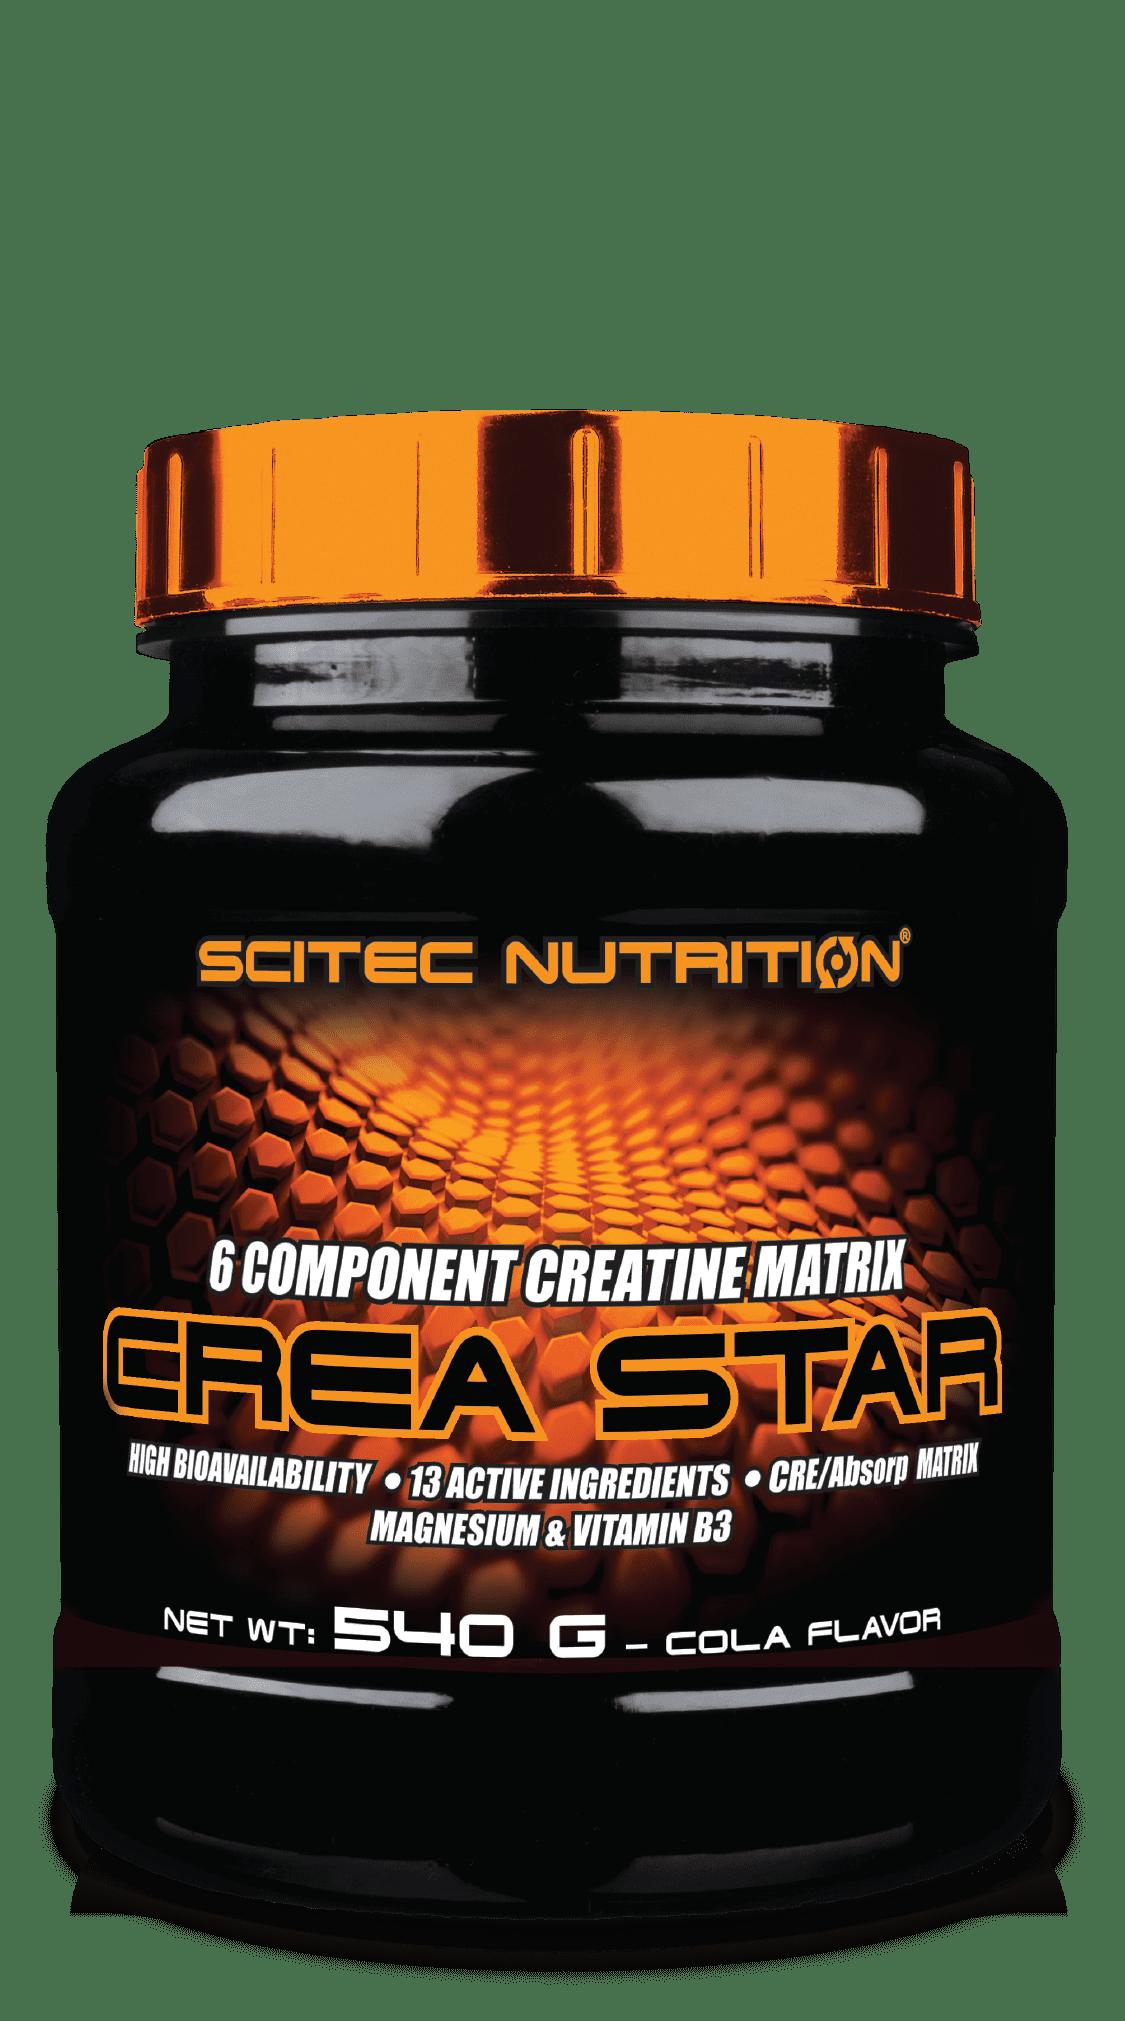 Creastar (Creatine Supplement)